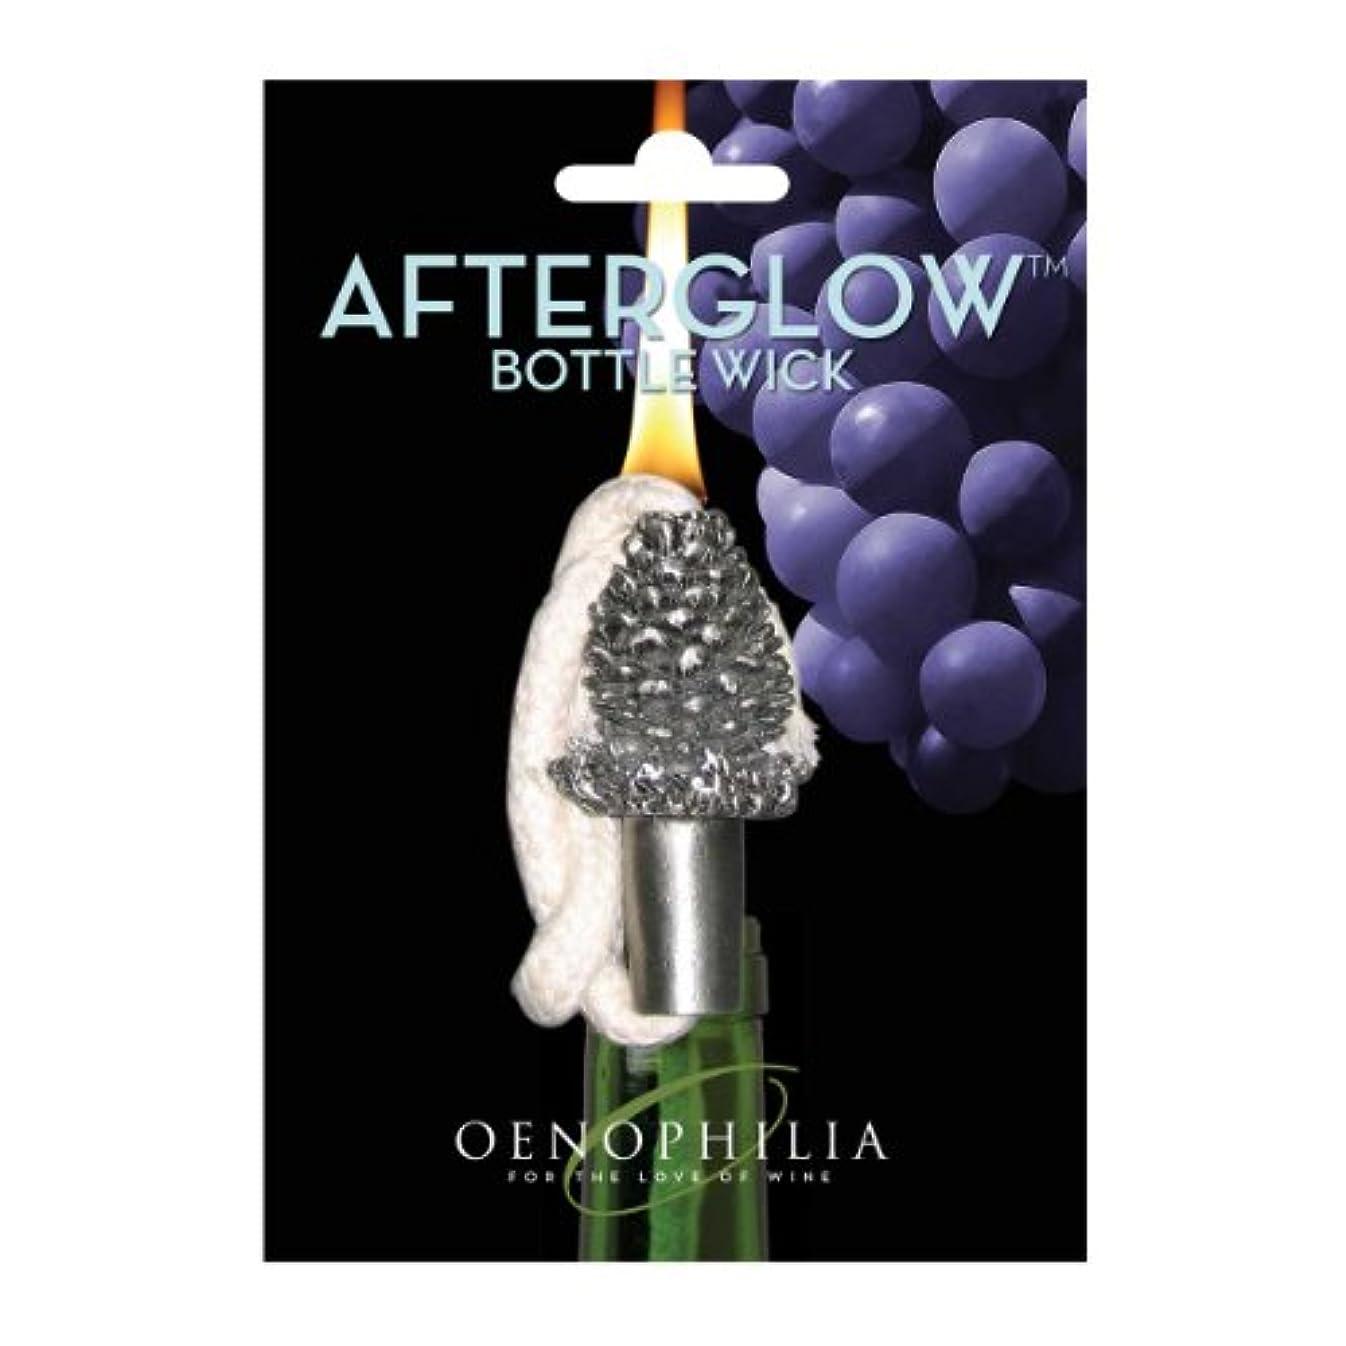 スリップラベ多用途Oenophilia Afterglow Bottle Wick - Pinecone by Oenophilia [並行輸入品]